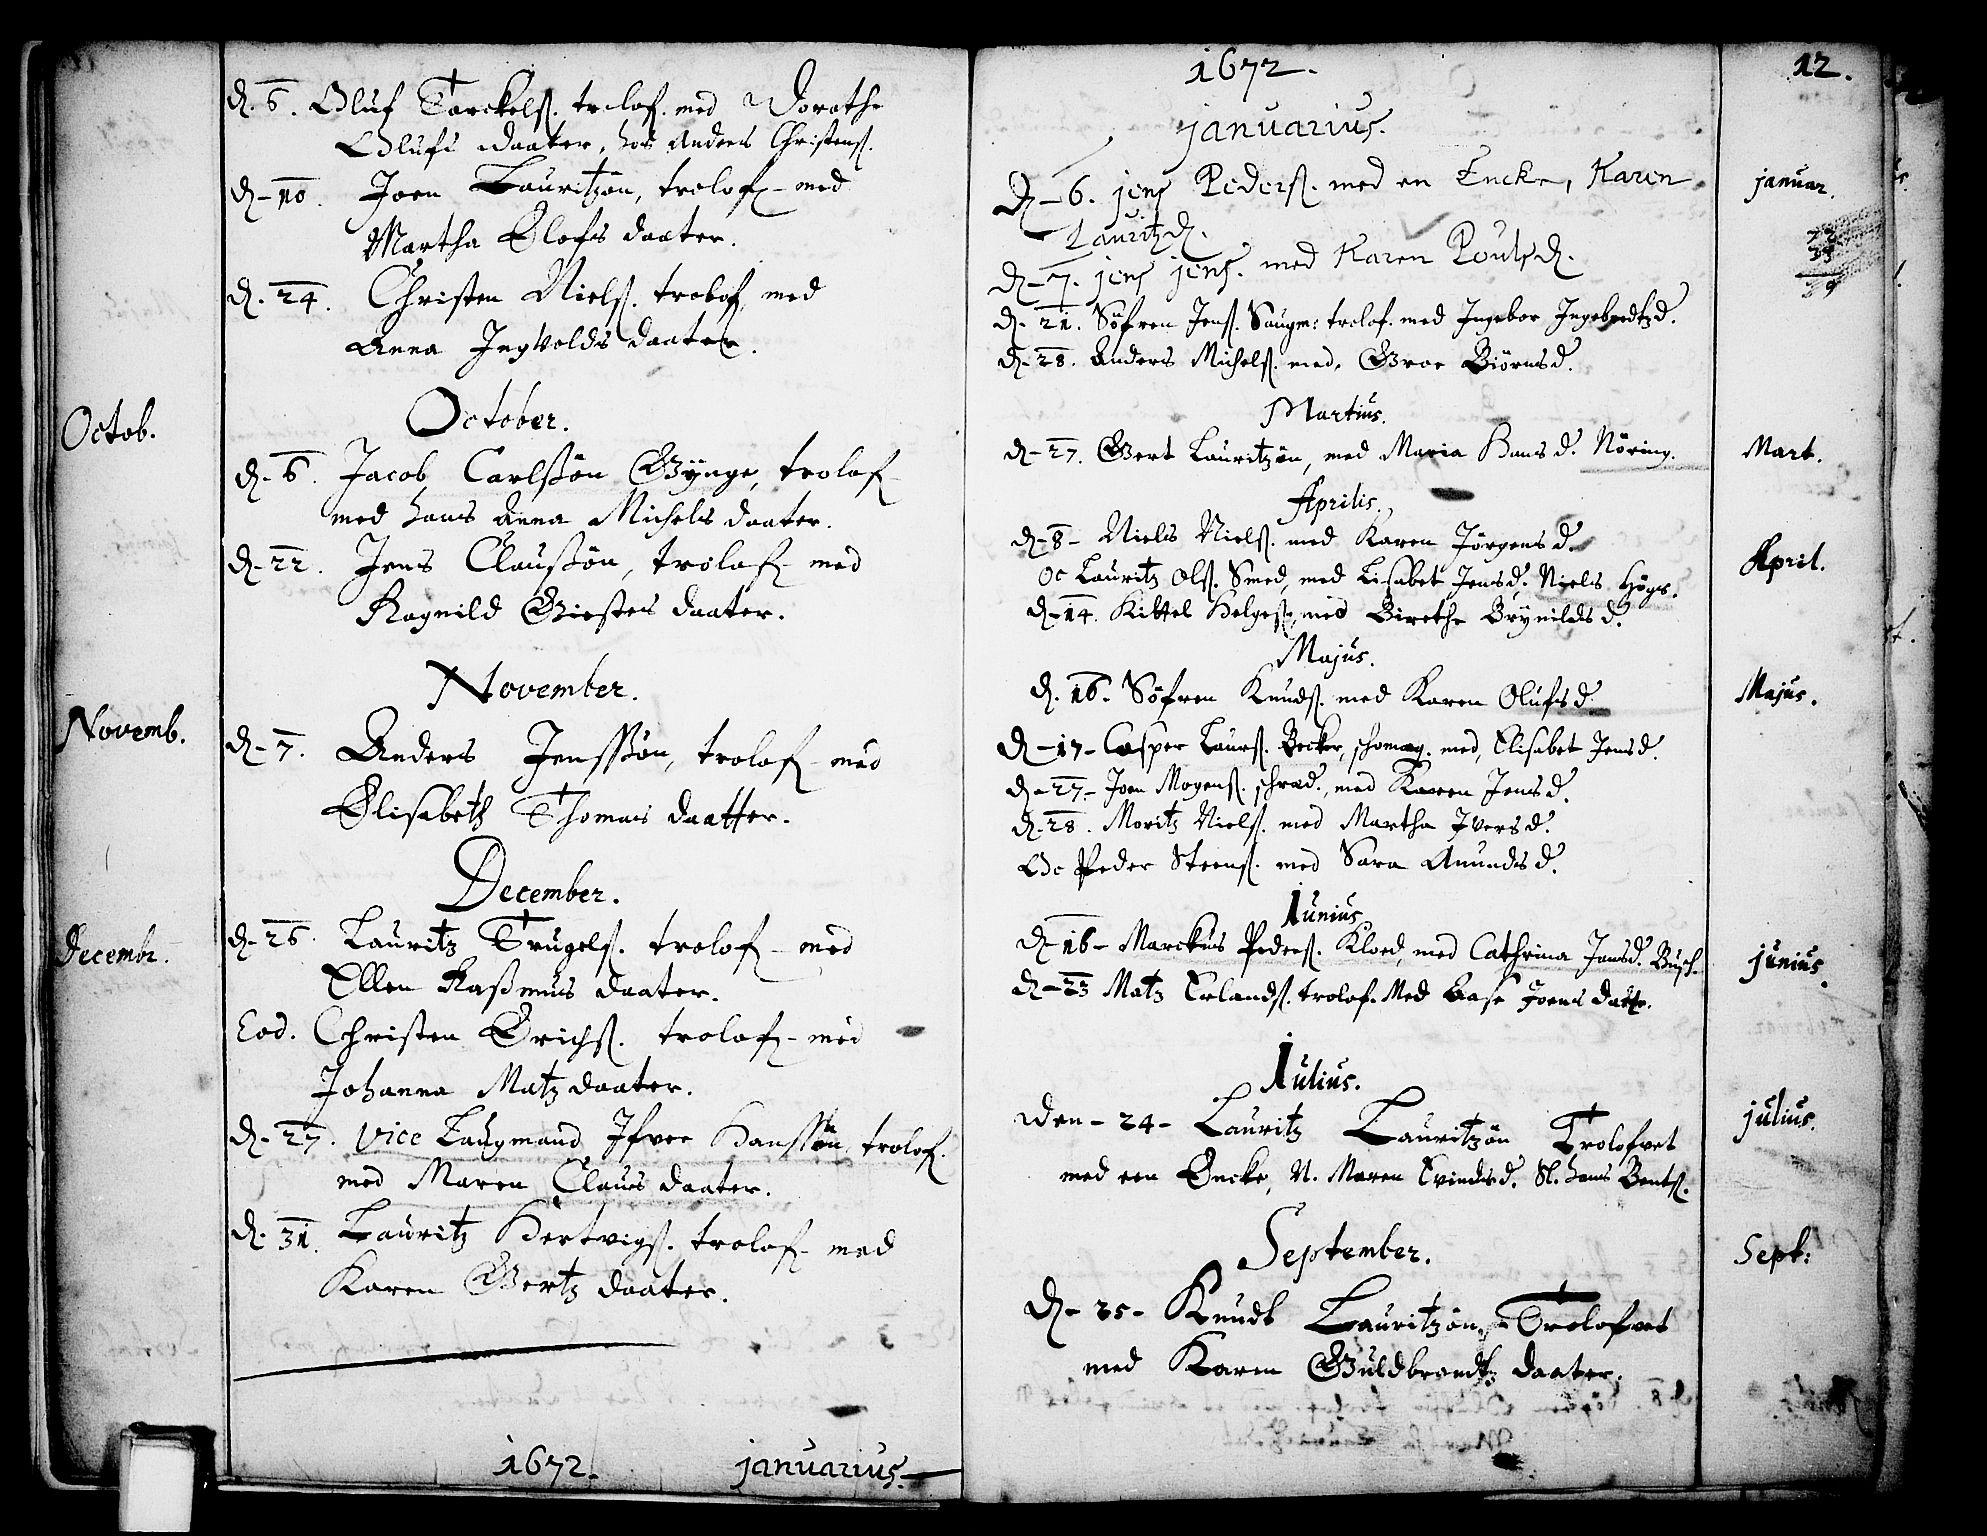 SAKO, Skien kirkebøker, F/Fa/L0001: Ministerialbok nr. 1, 1659-1679, s. 12